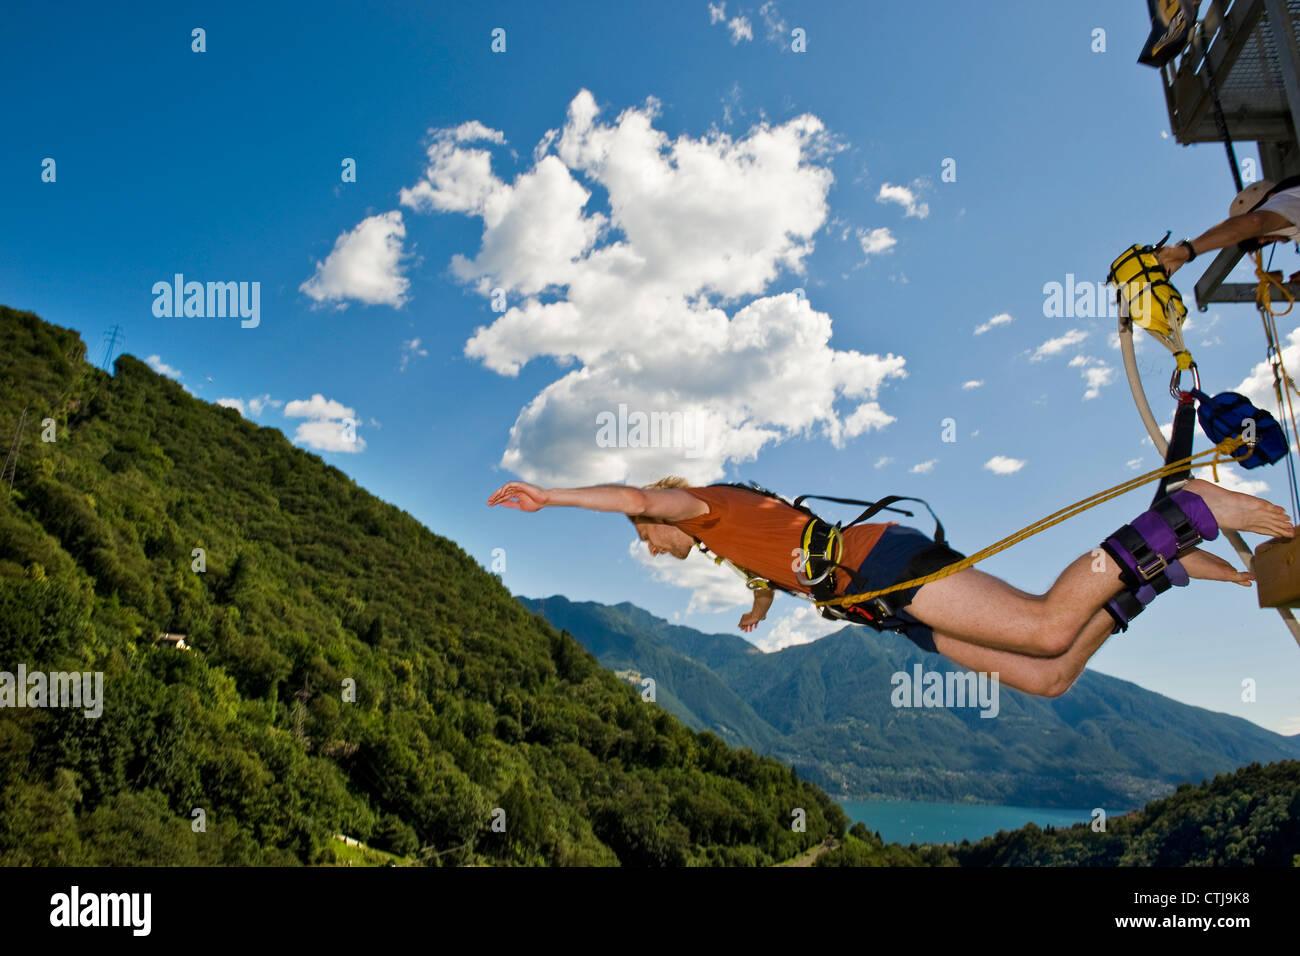 b1c9781d810d Switzerland